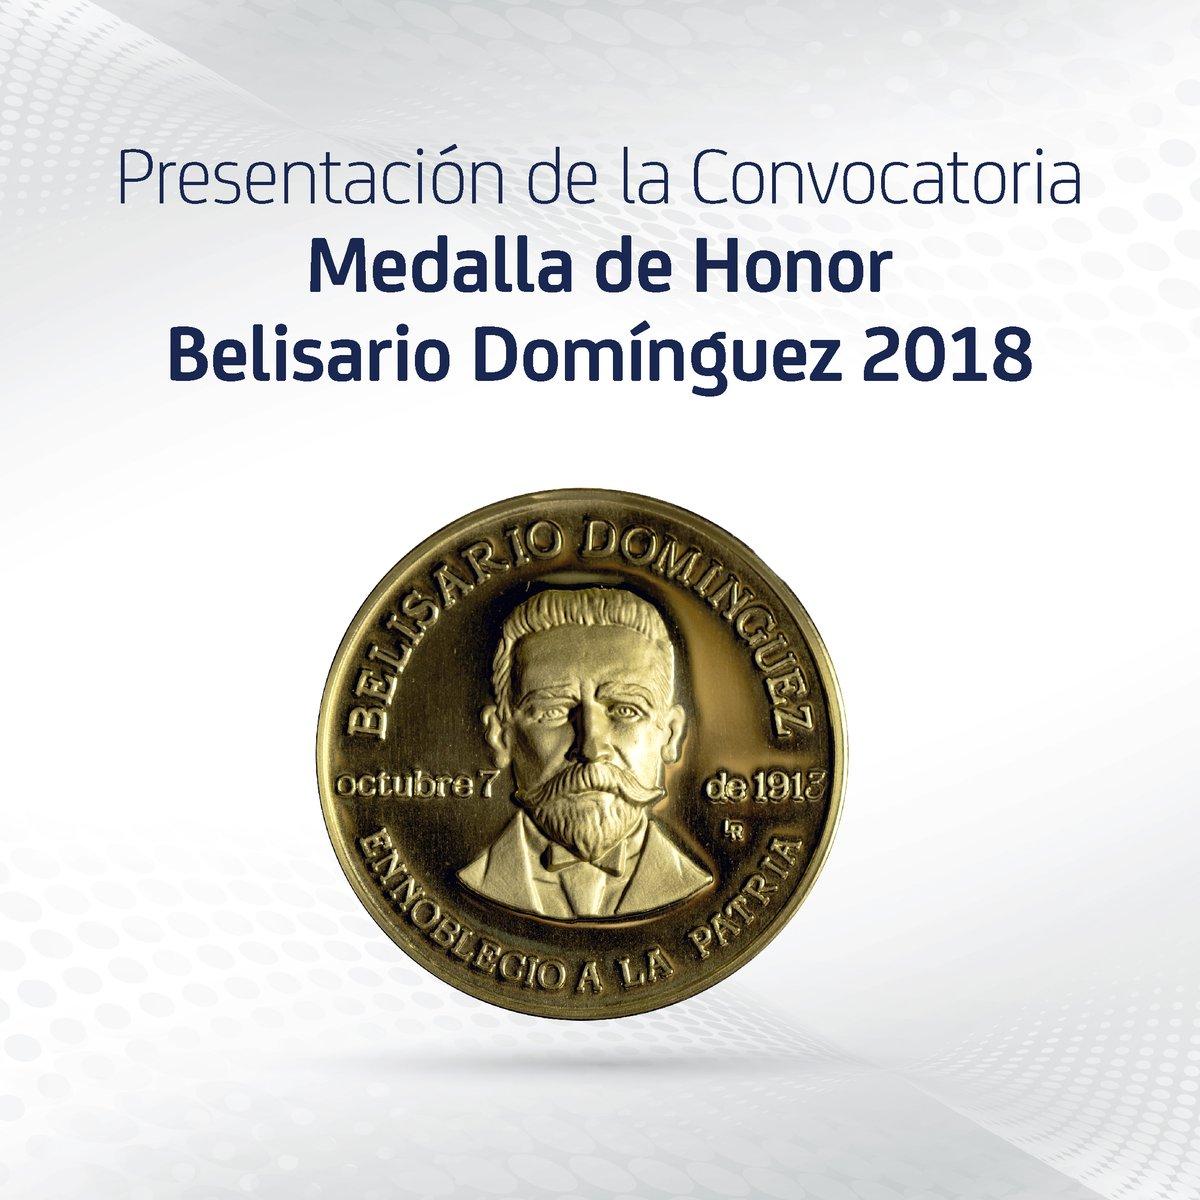 Belisario dominguez medalla